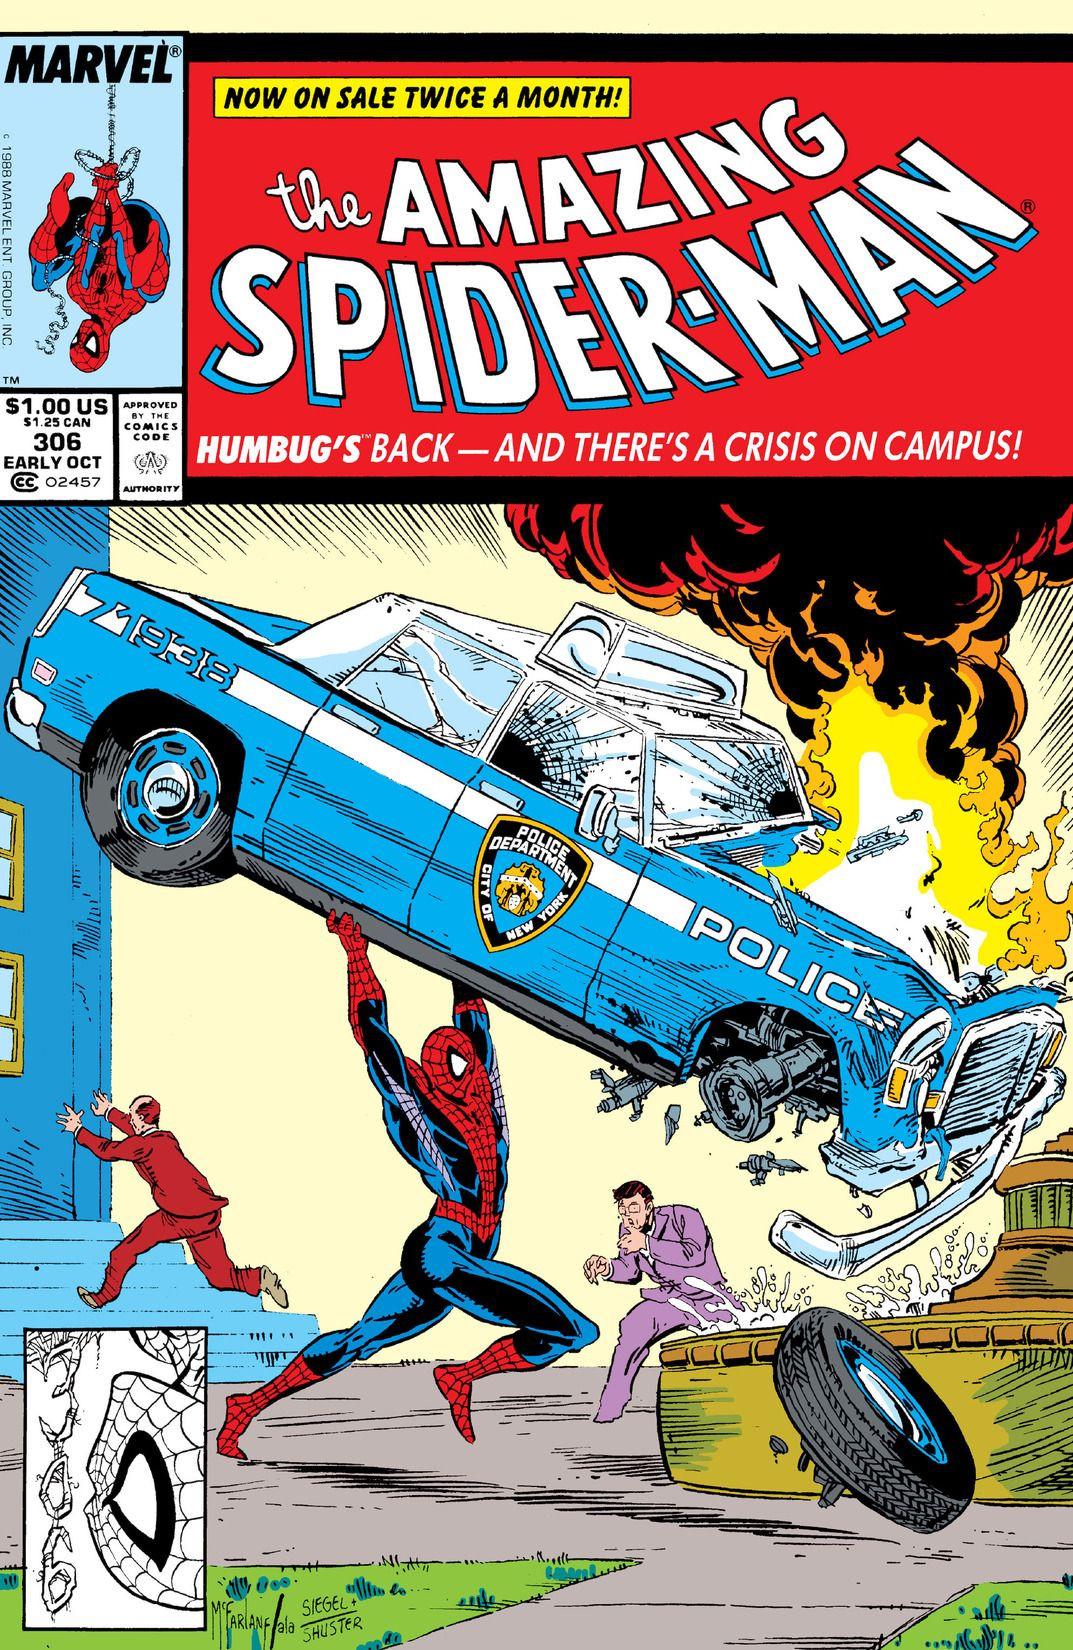 Amazing Spider-Man Vol 1 306